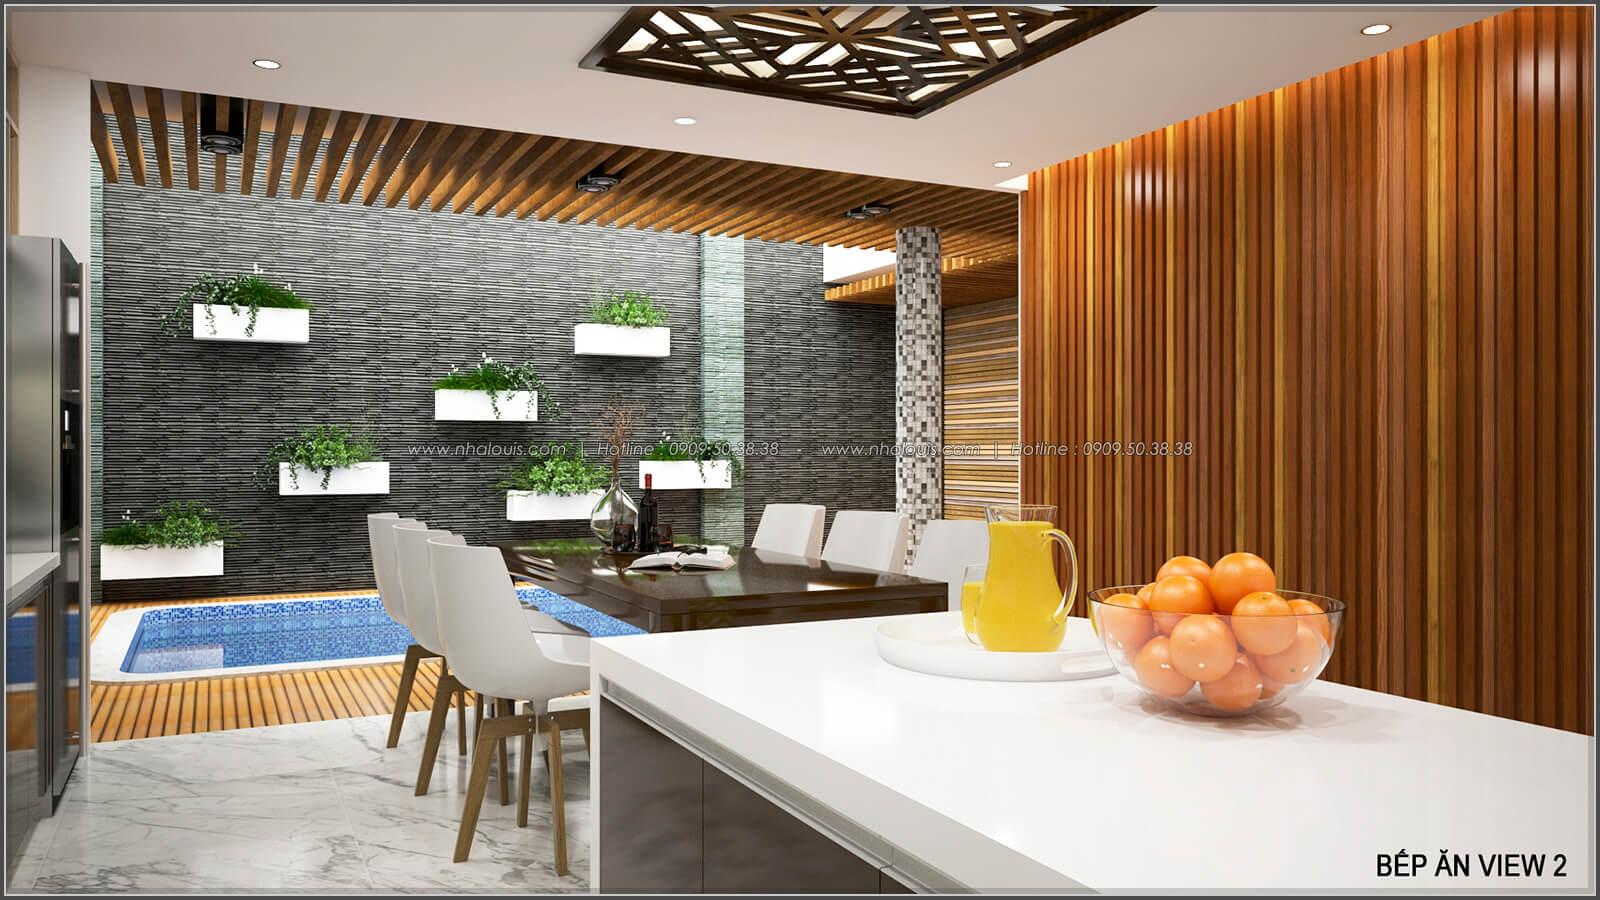 Phòng bếp và phòng ăn Thiết kế biệt thự có hồ bơi trong nhà ấn tượng tại quận Tân Bình - 7